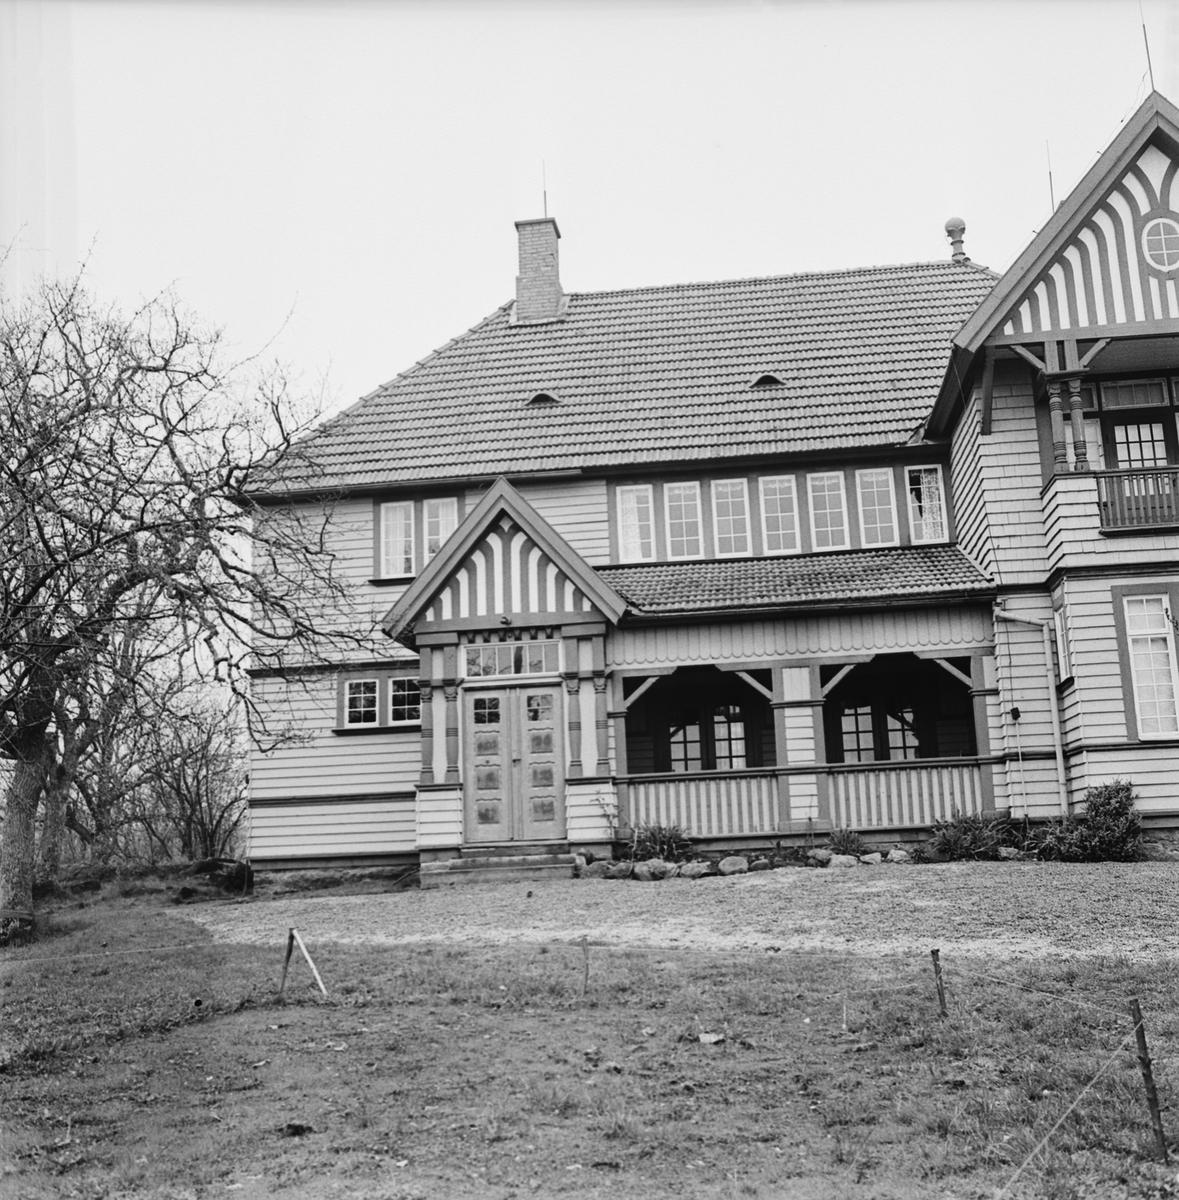 Övrigt: Foto datum: 17/5 1965 Byggnader och kranar KFUM:S sommarhem på hästö